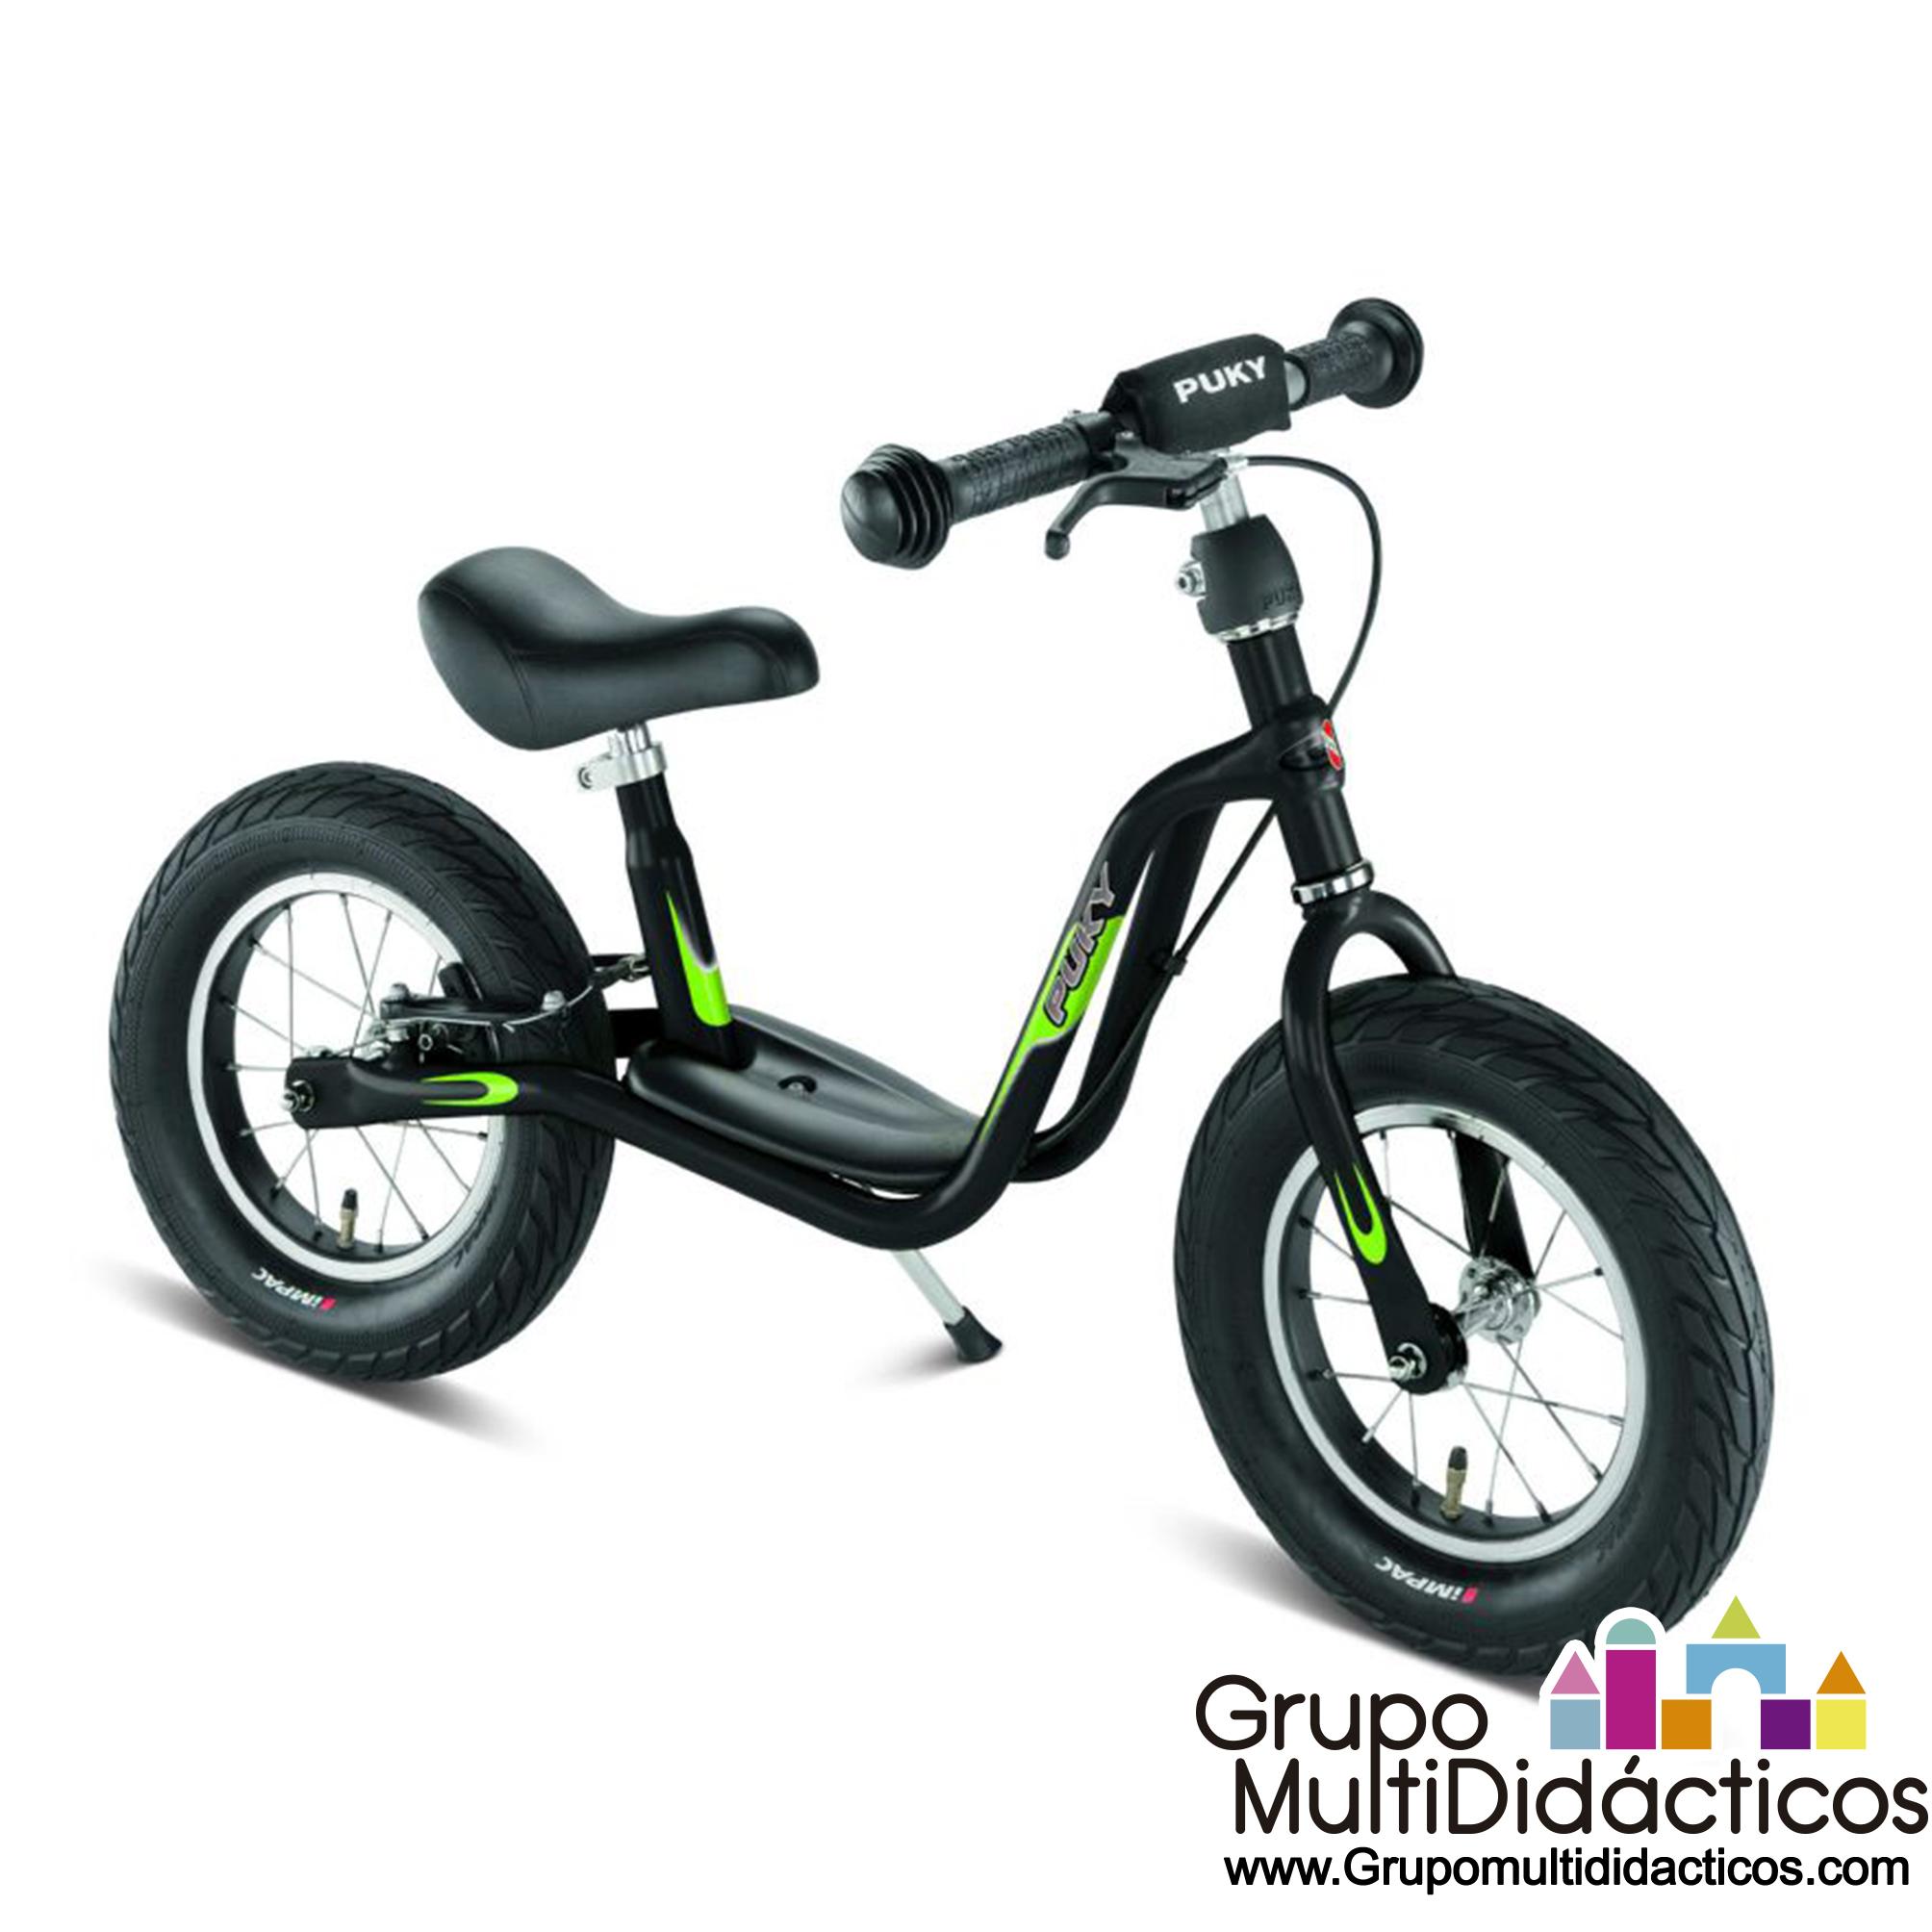 https://multididacticos.com/images/productos/peq/bicicleta%20sin%20pedales%201b.jpg